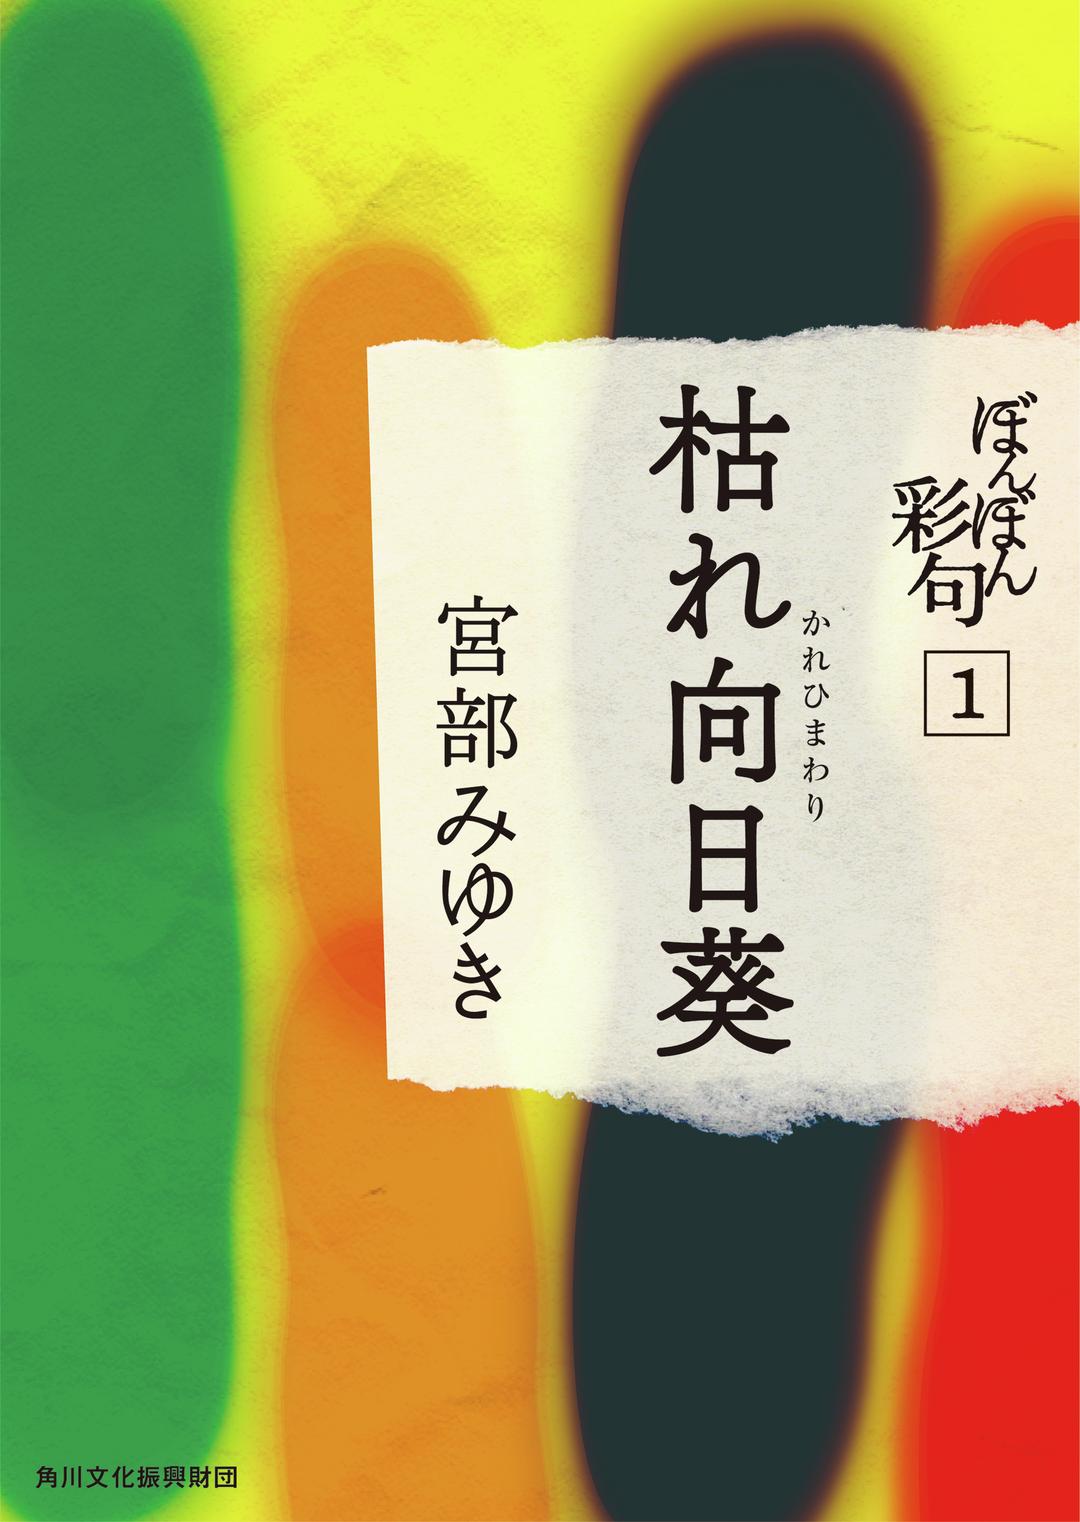 宮部みゆきさんの単行本未収録作品を期間限定公開!